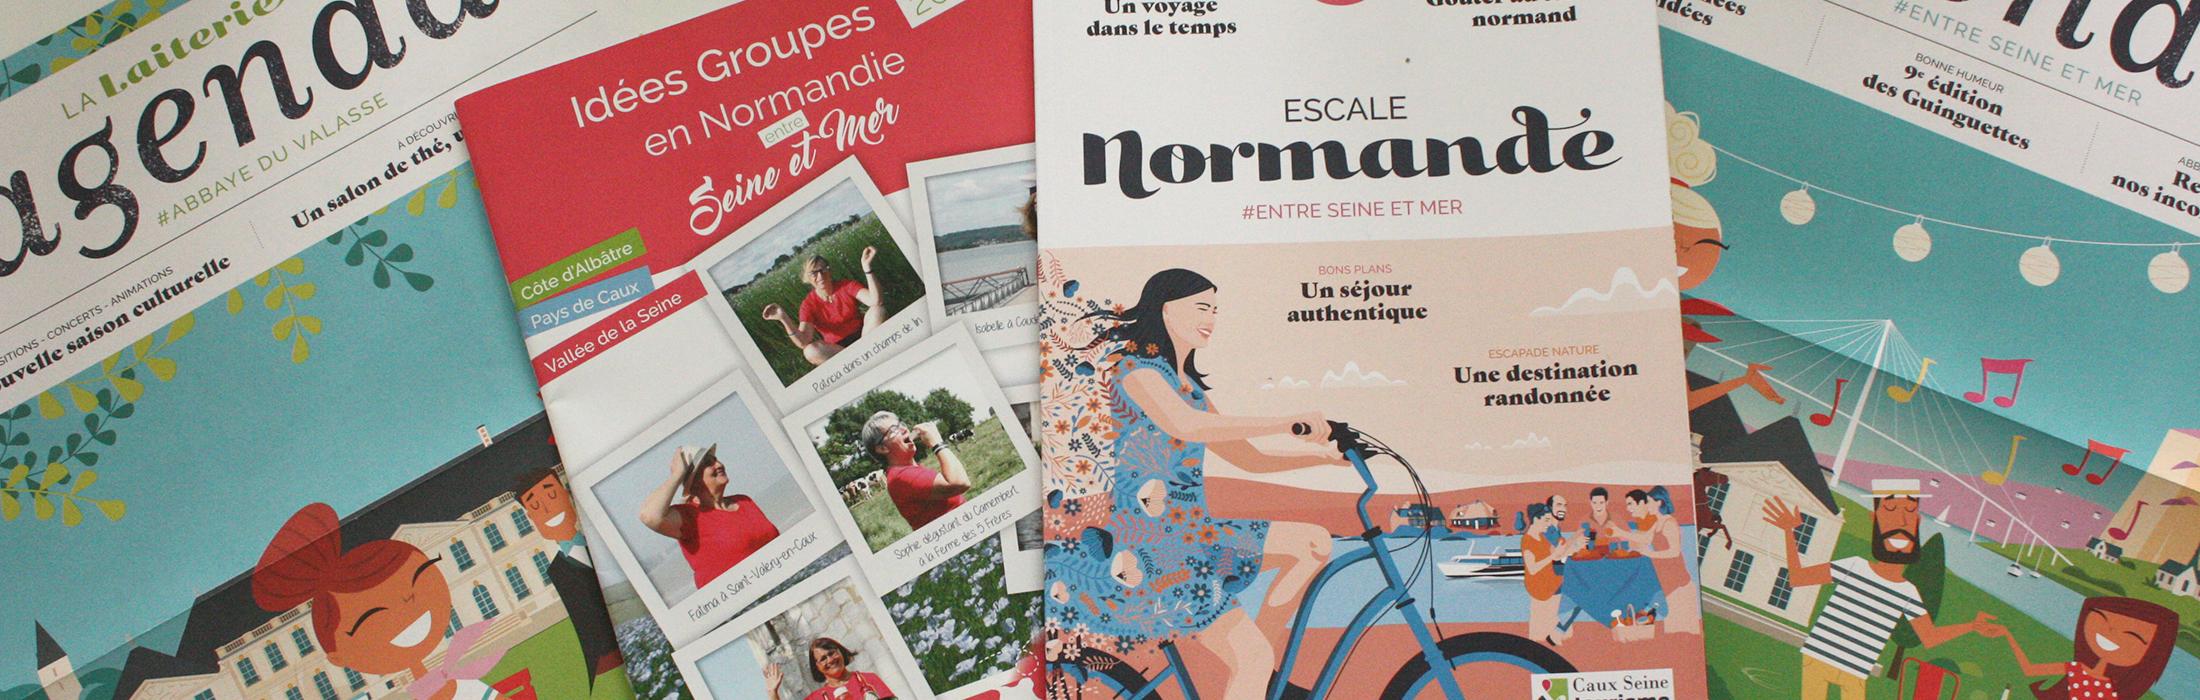 Découvrir le Pays de Caux Vallée de Seine - Version française.    Ce magazine enrichi de reportages, de témoignages et de photographies, s'adresse 1